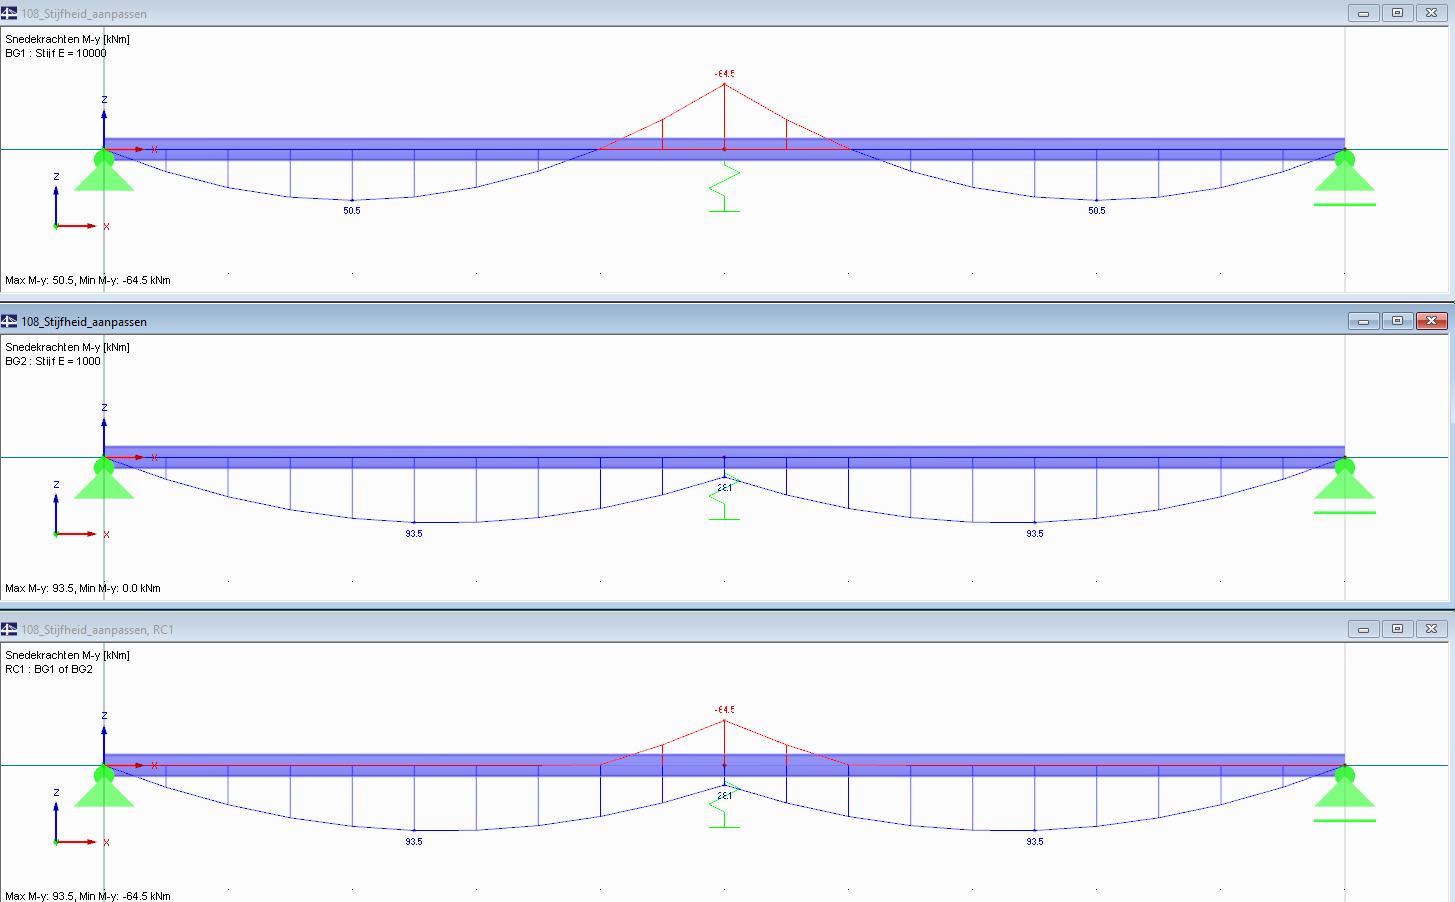 Stijfheid van het middensteunpunt is gewijzigd in de rekensoftware RFEM